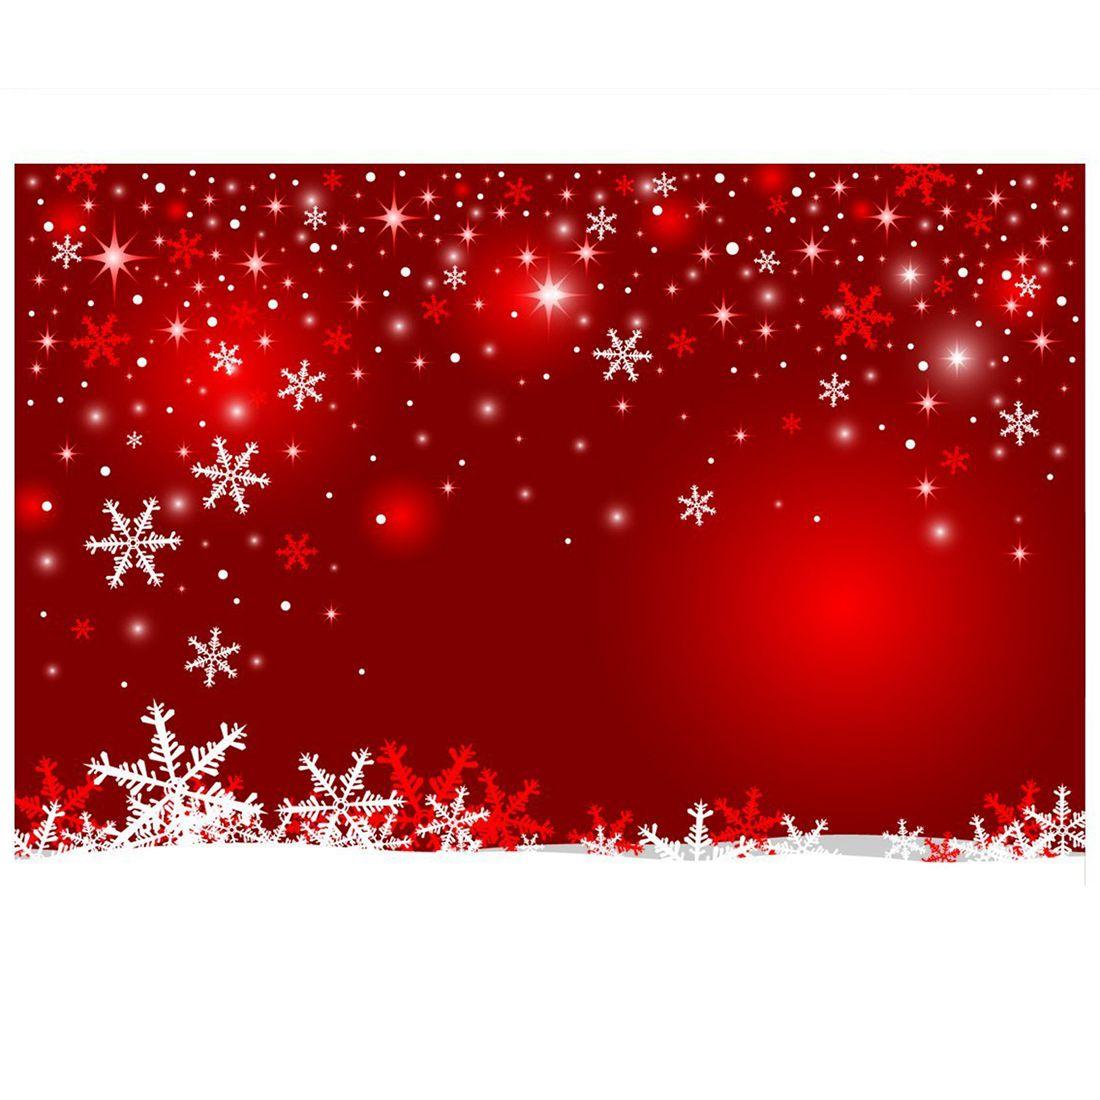 7x5ft Rot Weihnachten Hintergrund Wand Weihnachten Schneeflocke ...